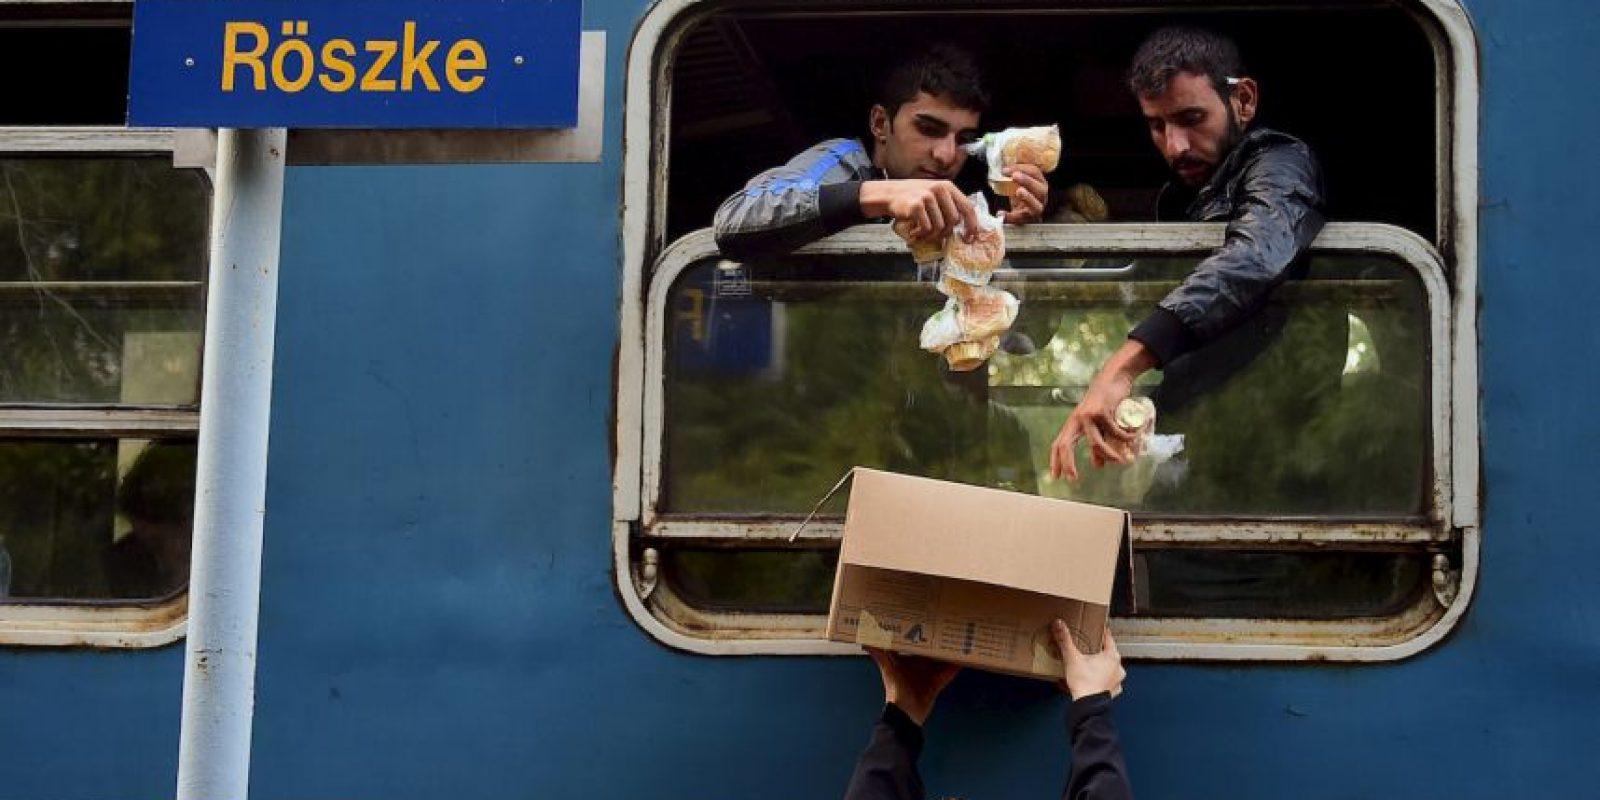 Migrantes reciben desayuno en Hungría. Foto:AFP